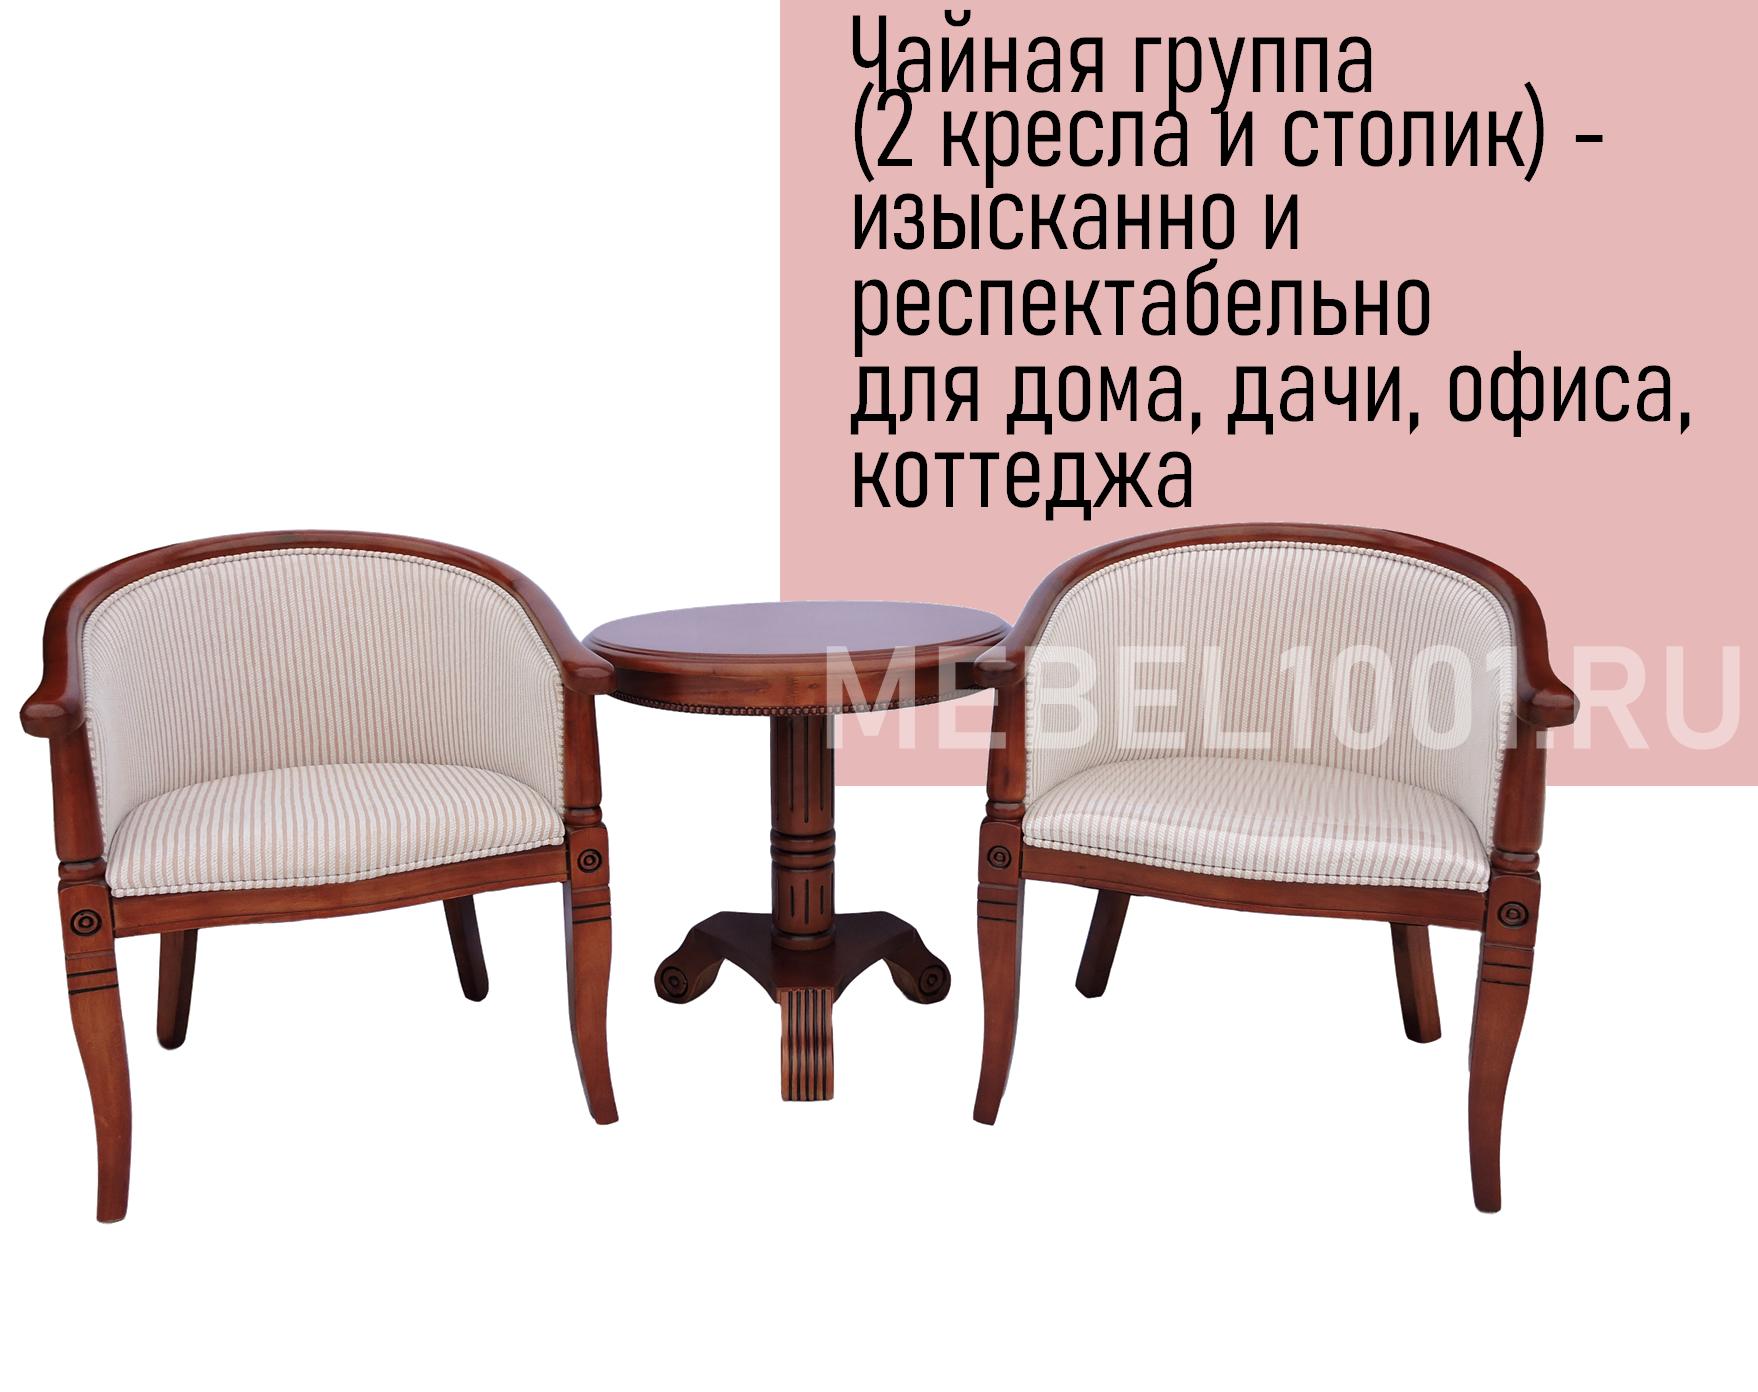 Чайные кресла с подлокотниками А-10, чайный столик. Чайная группа